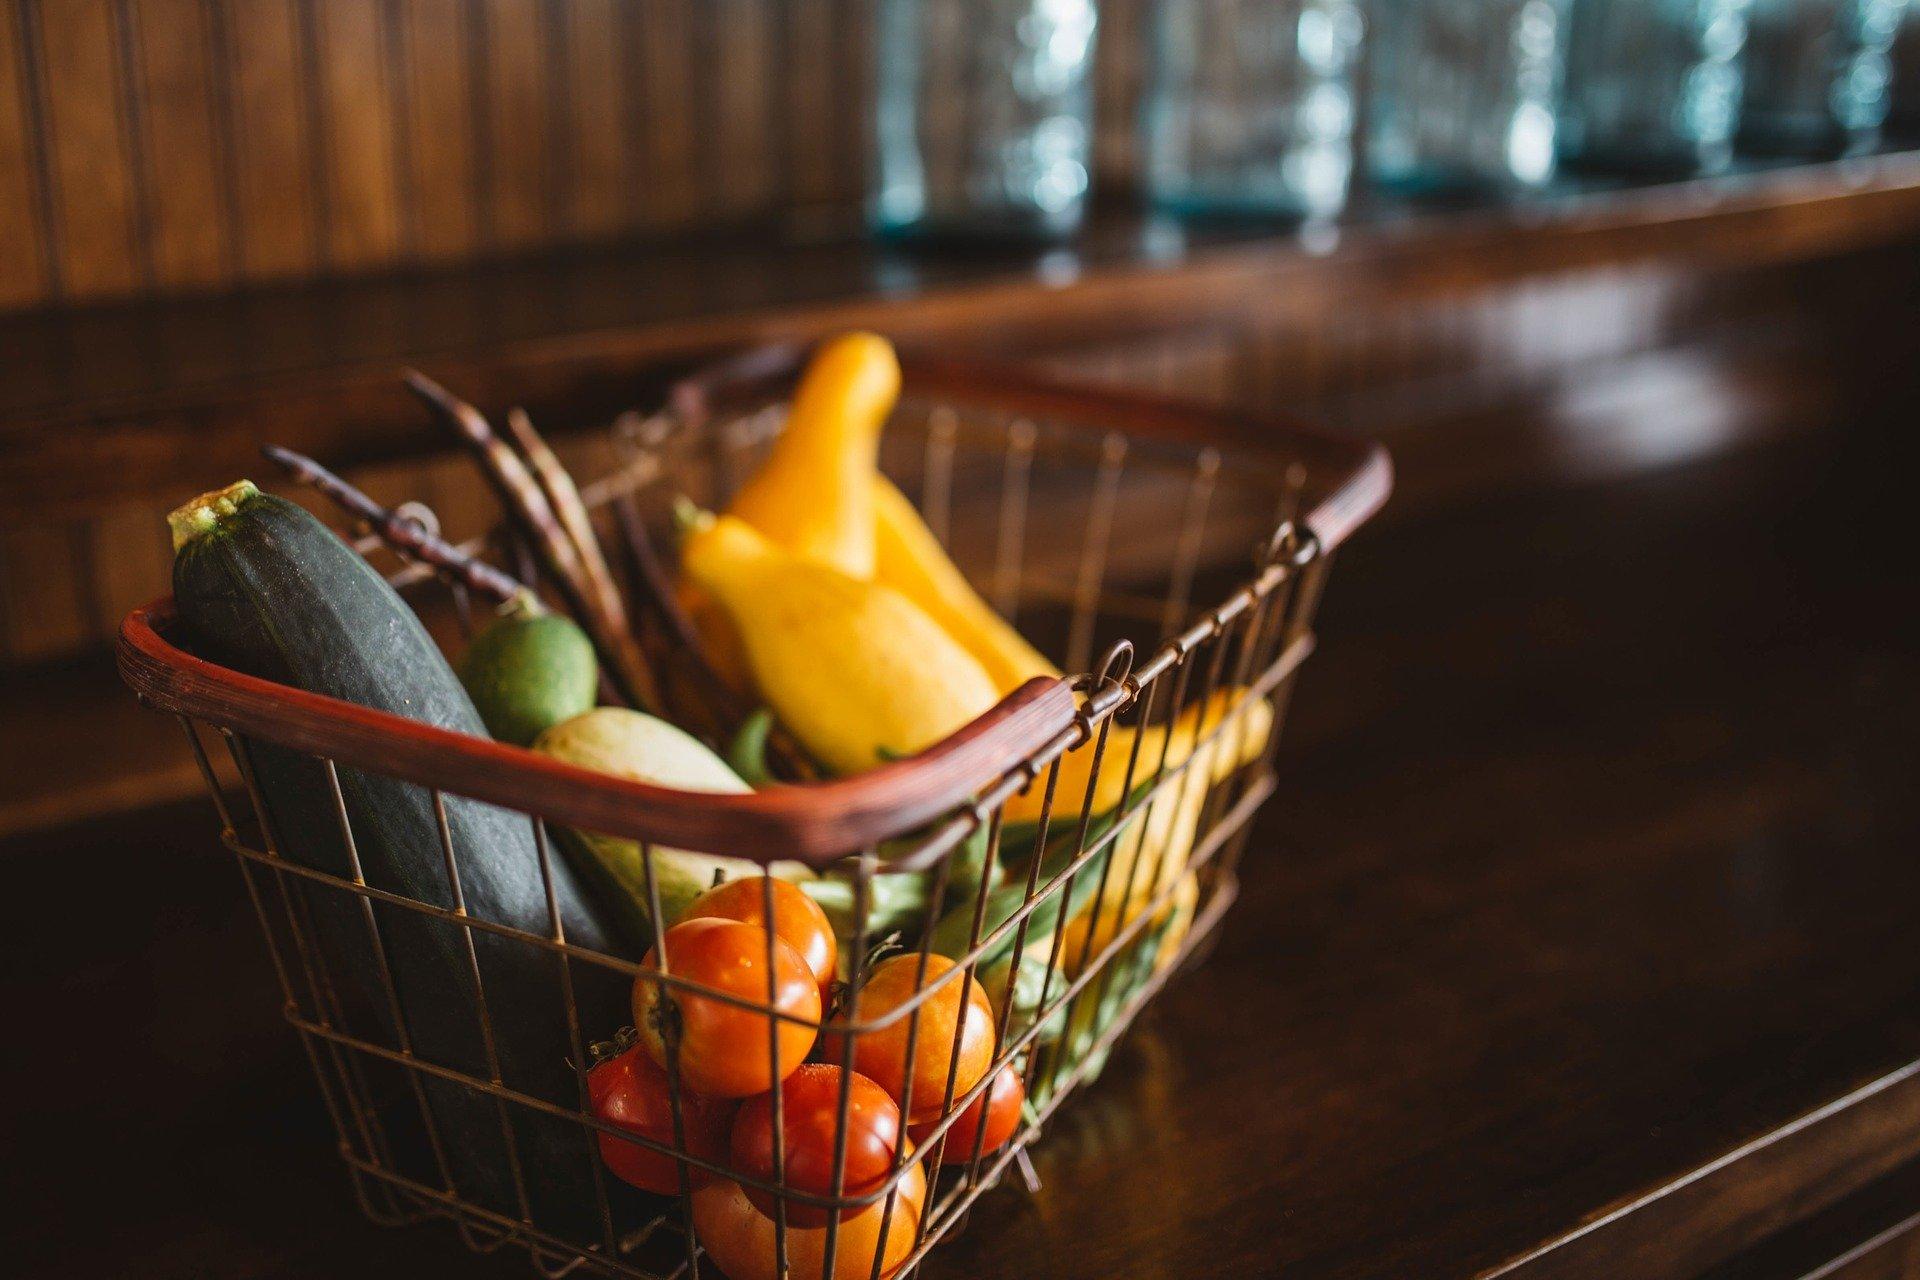 basket of fruite